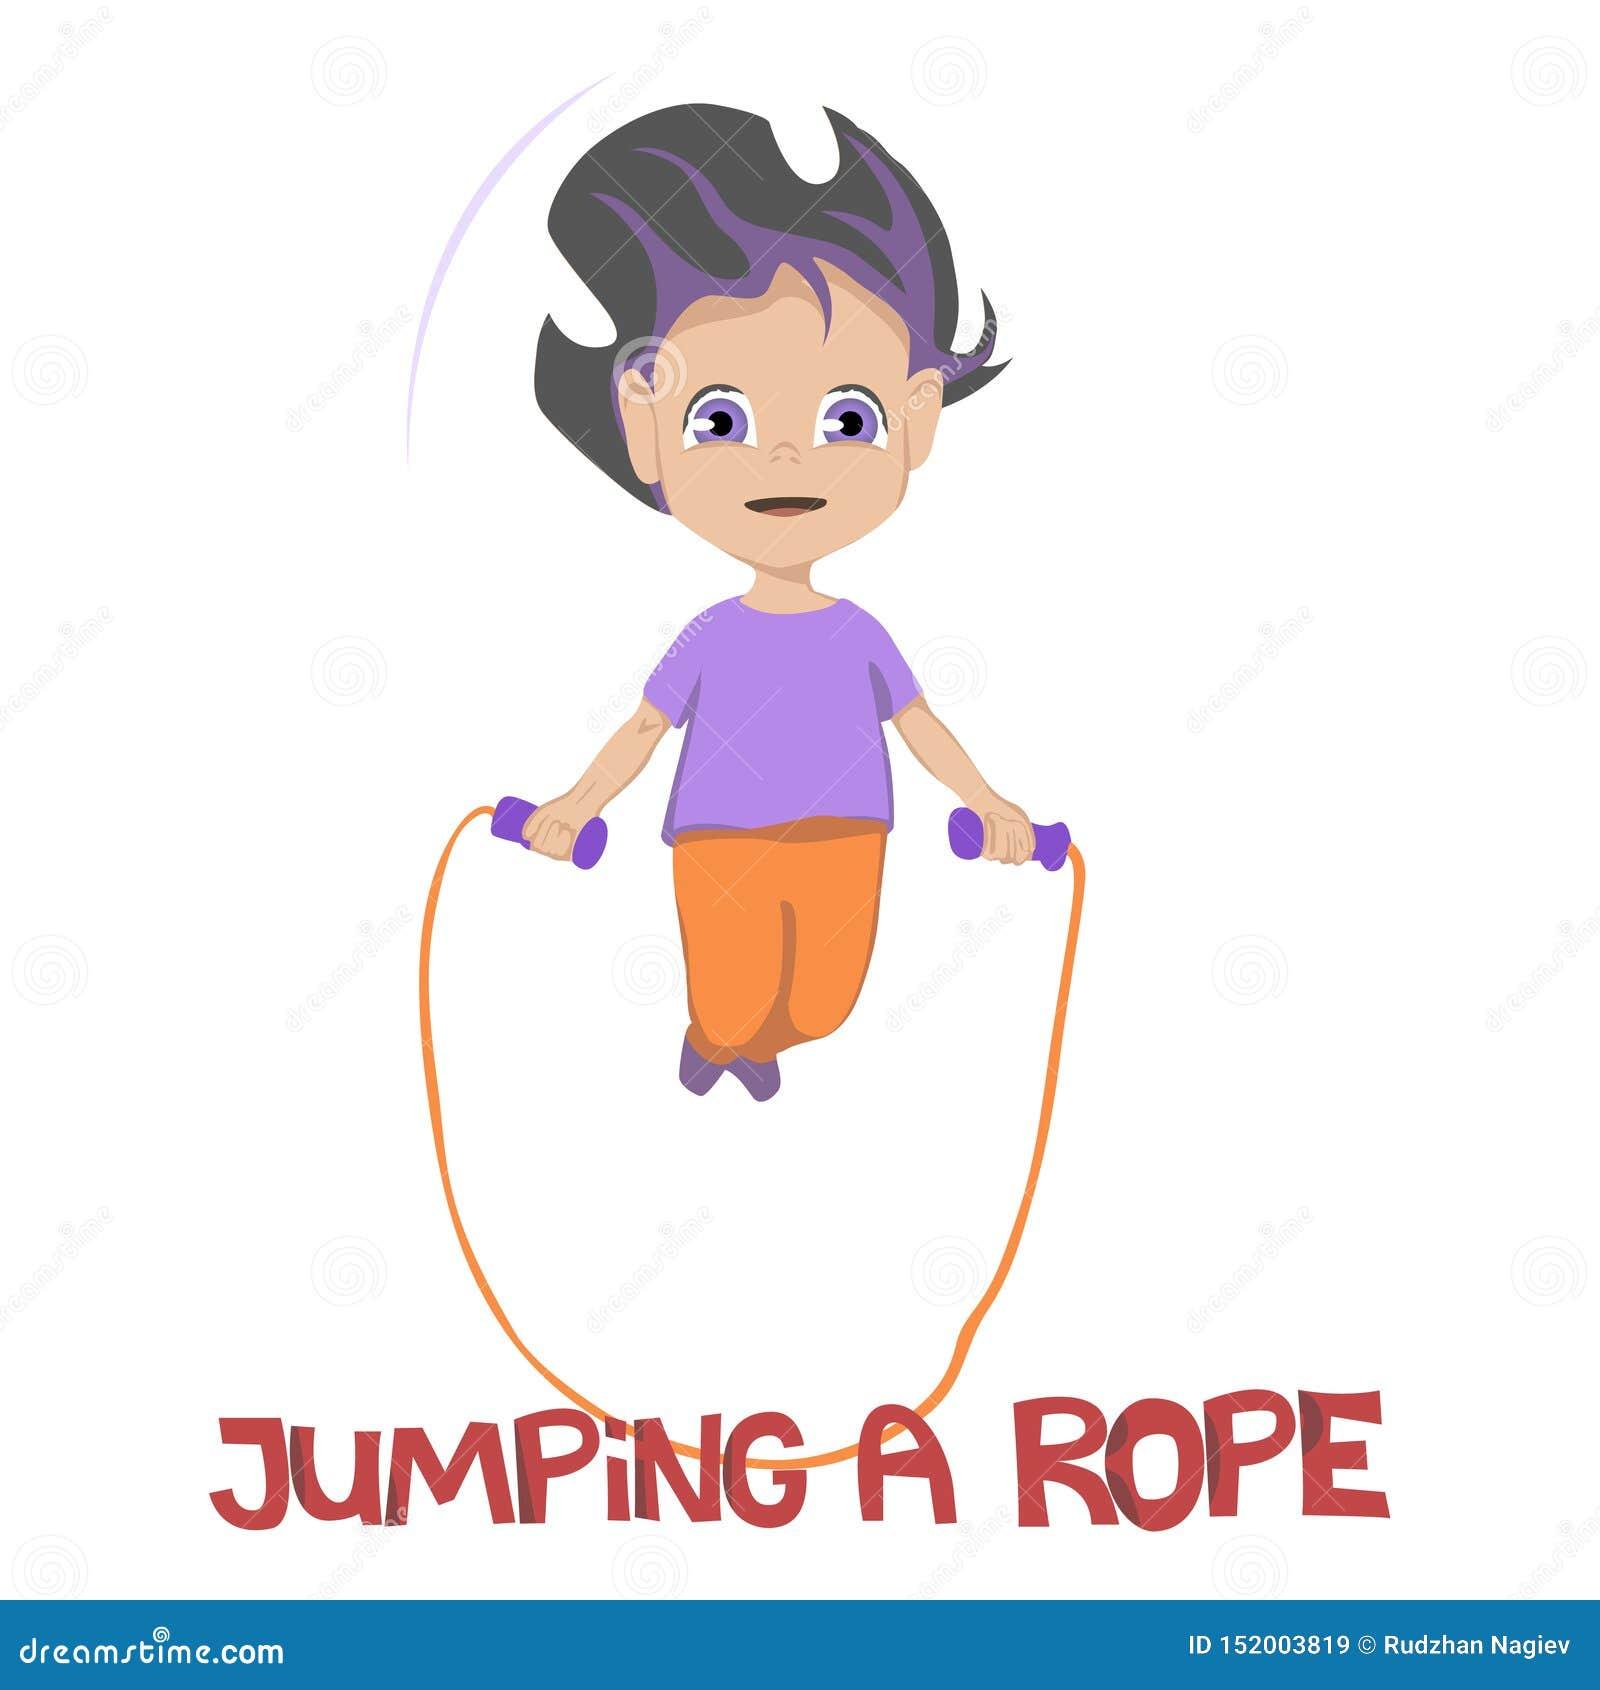 Ilustracja uśmiechający się młoda dziewczyna w purpurowej koszula i pomarańcze dyszy skaczący arkanę nad białym tłem, wektor